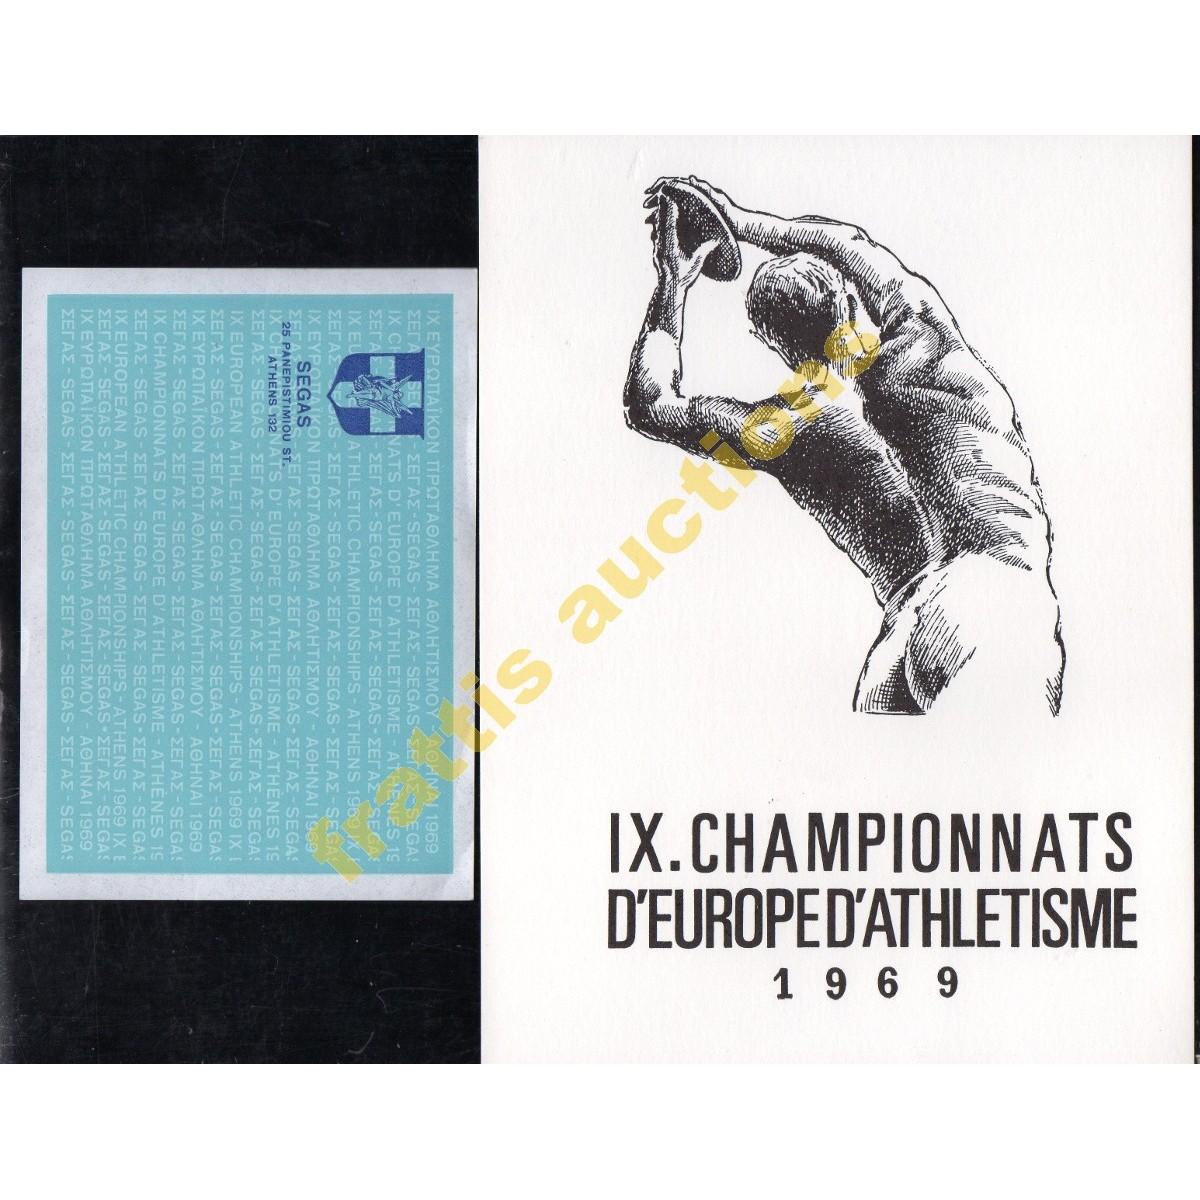 Μικρό πόστερ IX CHAMPIONNATS D' EUROPE D' ATHLETISME 1969